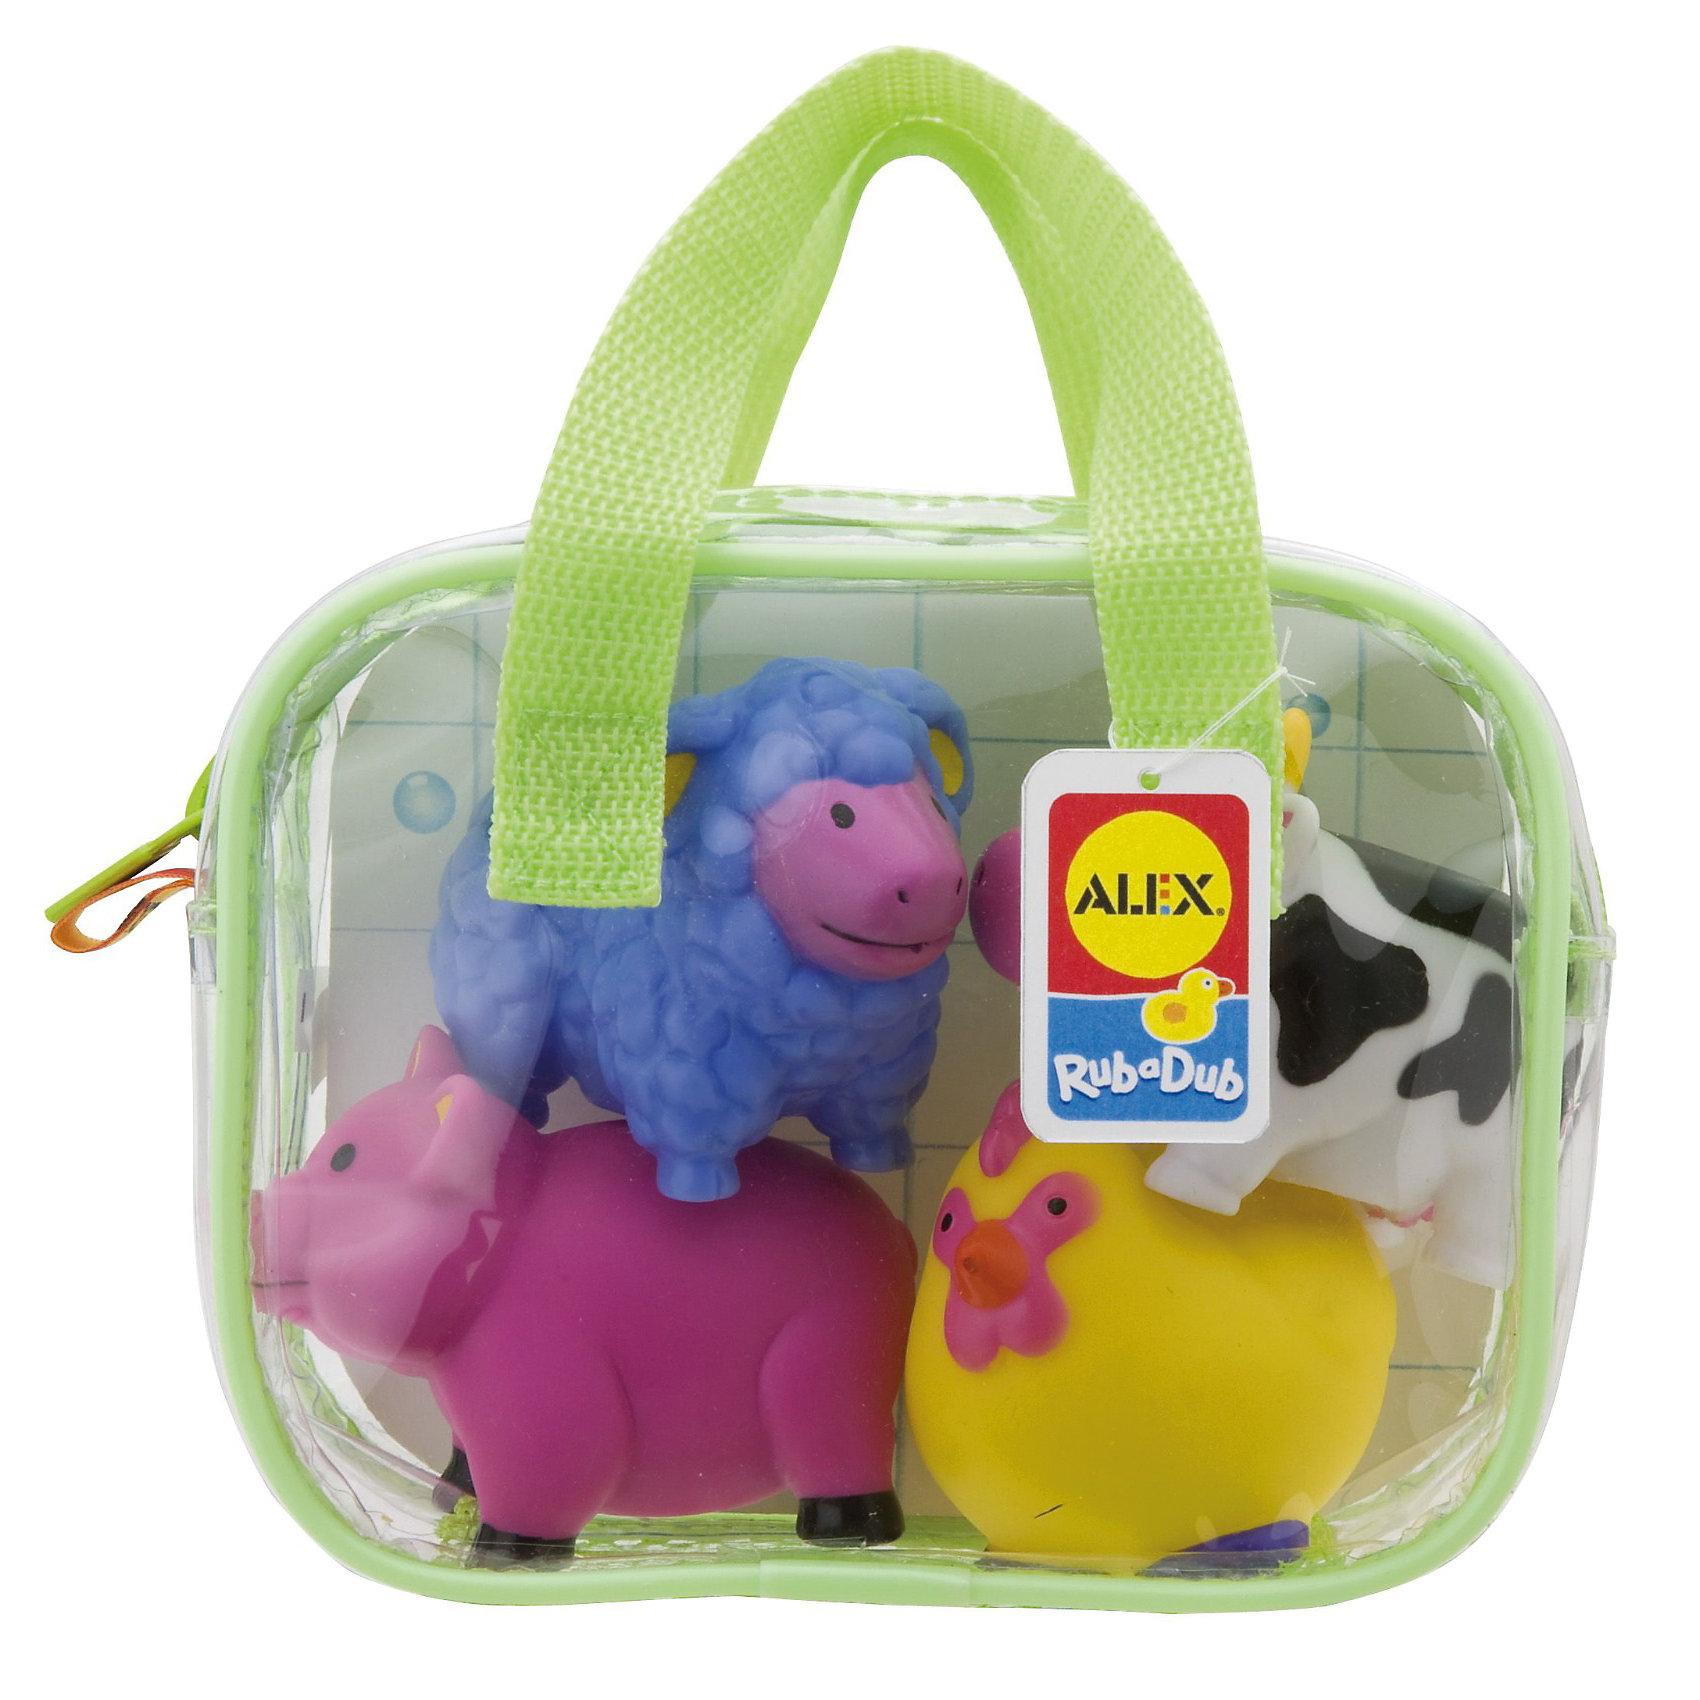 Игрушки для ванной ФермаИгрушки для ванной<br>Игрушки для ванны Ферма замечательная игра для ванной. <br>Яркие игрушки для ванной из набора Ферма станут отличным развлечением для вашего малыша!<br>В наборе 4 веселые разноцветные игрушки брызгалки-пищалки:  овечка, поросенок, коровка и цыпленок. Плавают в воде. Их удобно хранить в пластиковой сумке на молнии, с ручками.<br><br>Дополнительная информация:<br>- Материал: резина<br>- Размеры упаковки: 75х160х125 см<br>- Вес: 212 г.<br><br>Игрушка для ванной Ферма станет отличным подарком для Вашего ребенка.<br><br>Игрушку для ванной Ферма можно купить в нашем интернет-магазине.<br><br>Ширина мм: 172<br>Глубина мм: 131<br>Высота мм: 69<br>Вес г: 152<br>Возраст от месяцев: 12<br>Возраст до месяцев: 36<br>Пол: Унисекс<br>Возраст: Детский<br>SKU: 2422324